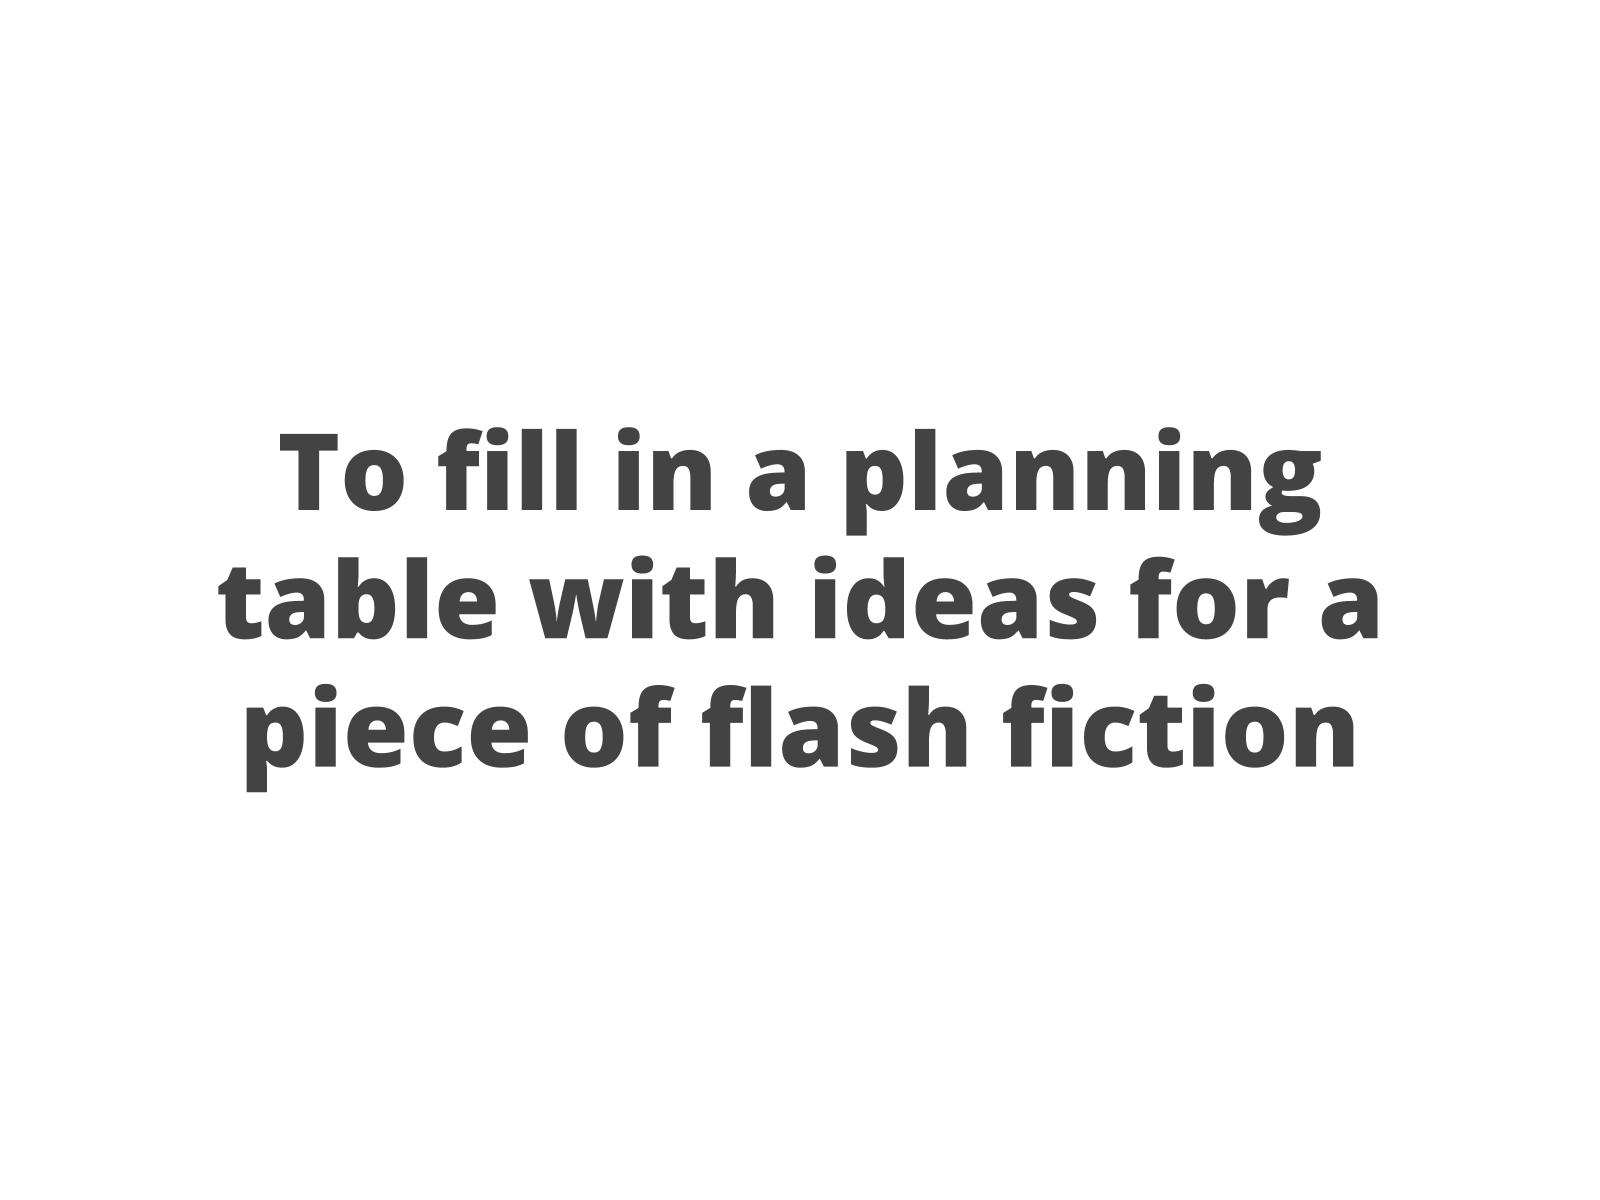 Planejando um microconto